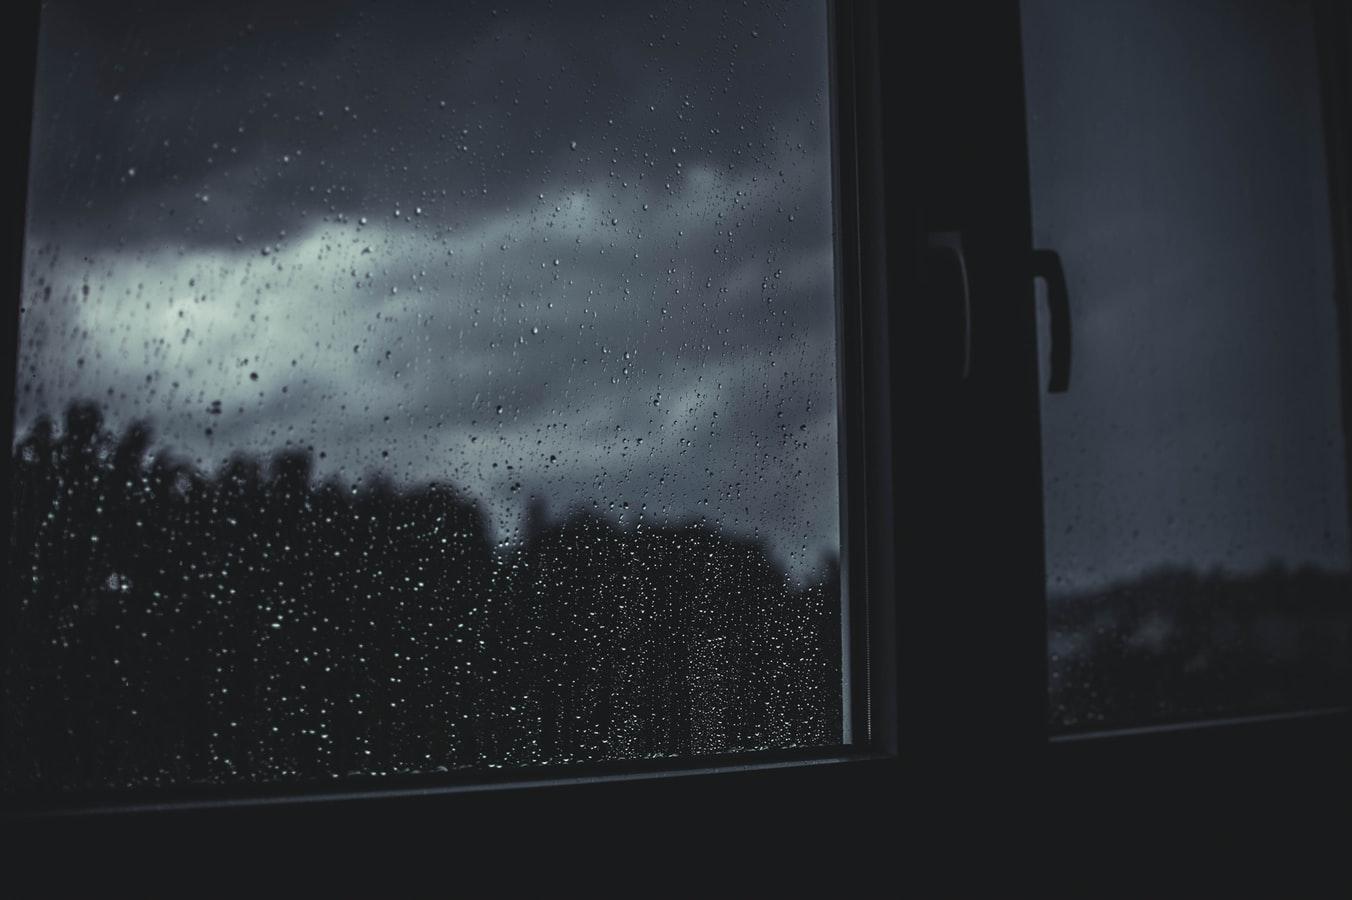 pogody